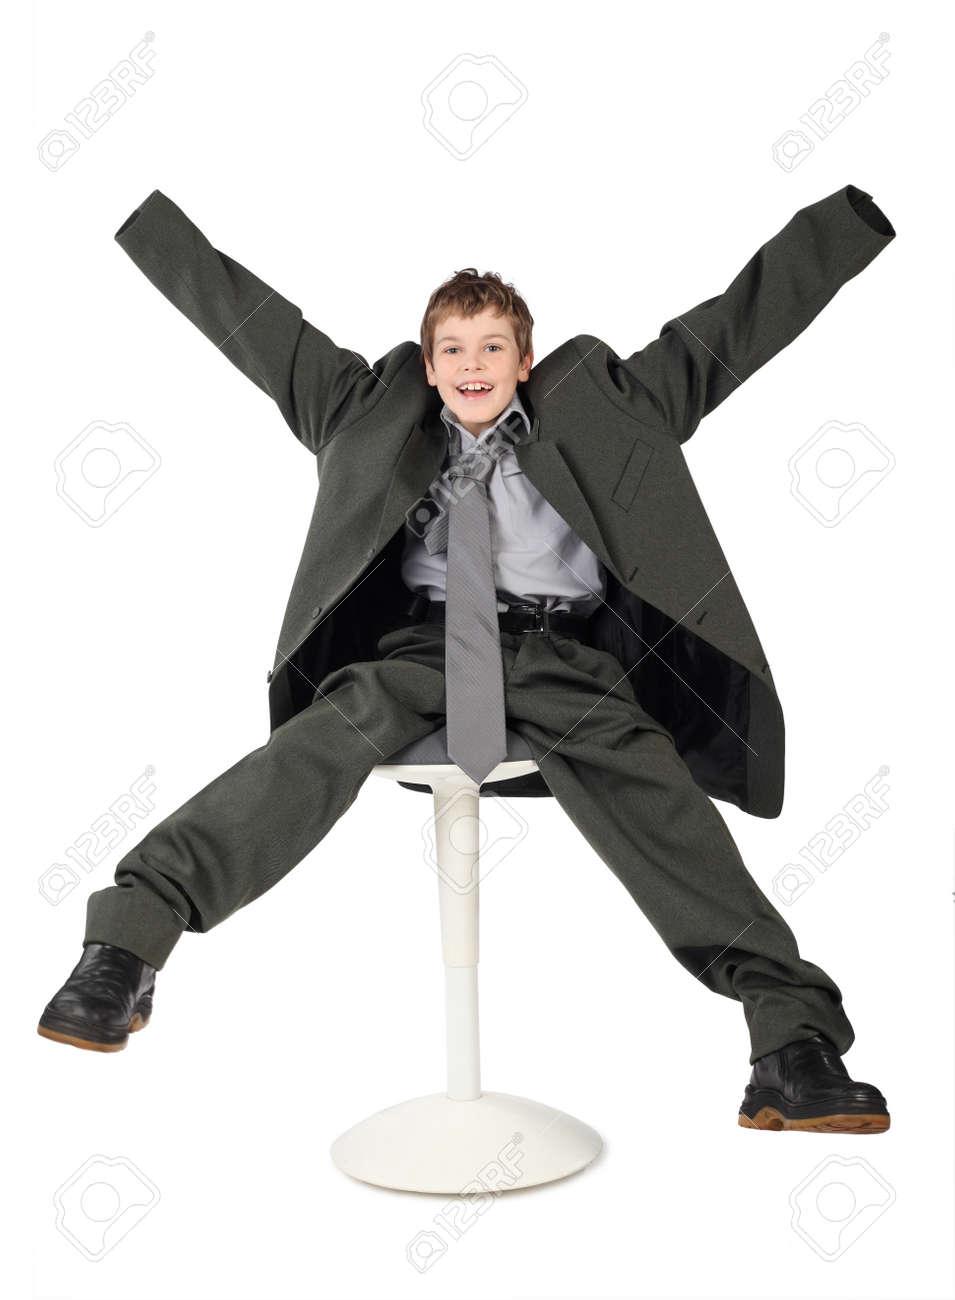 c238d175a5f Foto de archivo - Niño pequeño en traje de hombre gris grande que se sienta  en la silla y sonriendo aisladas sobre fondo blanco